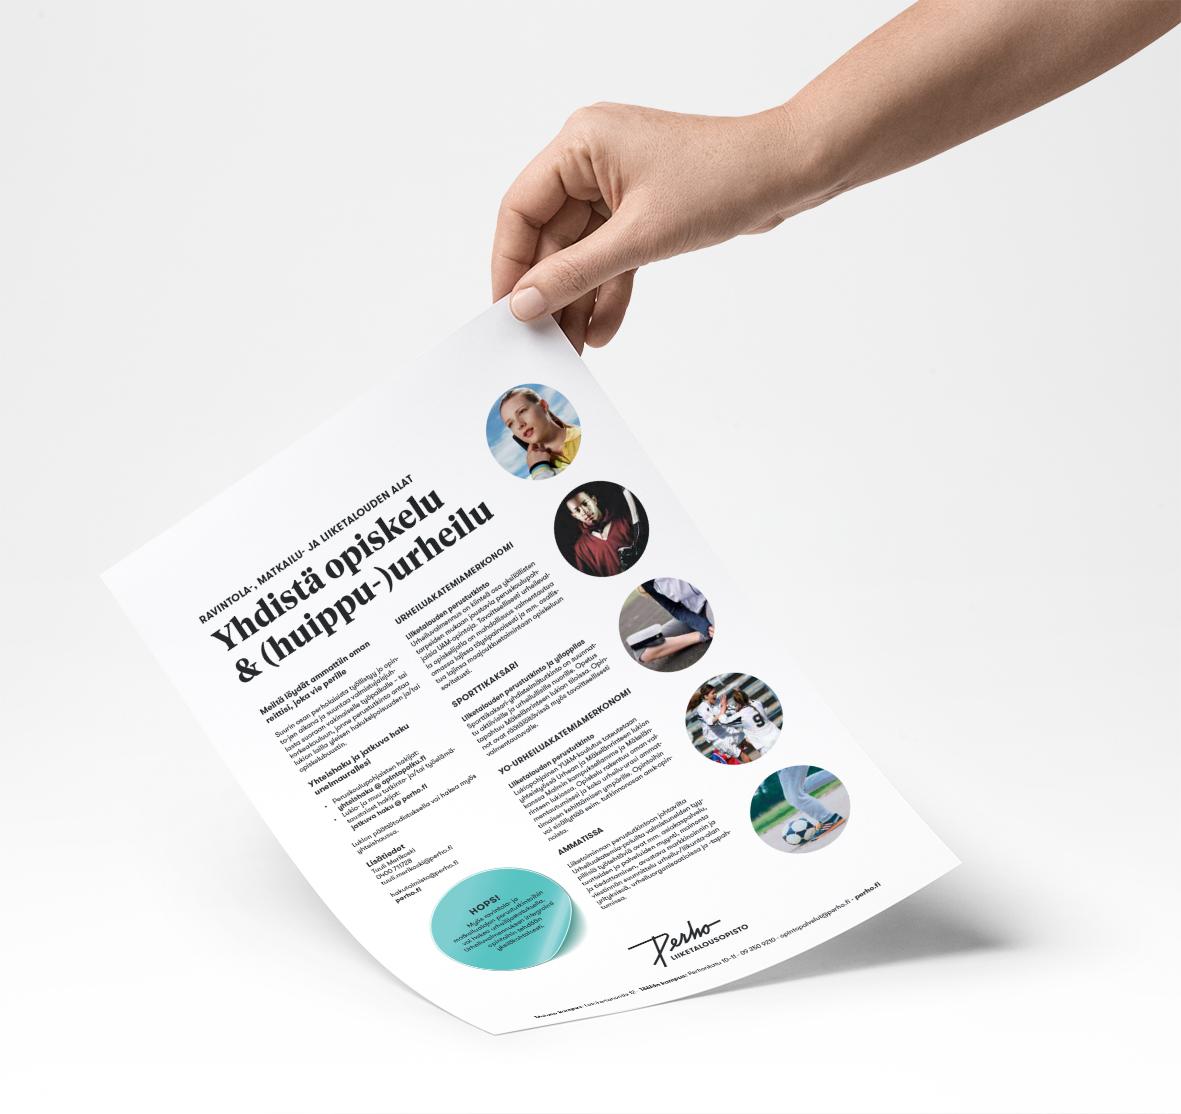 Kuvituskuva: Urheiluoppilaitoksessa voit yhdistää opiskelun ja huippu-urheiun